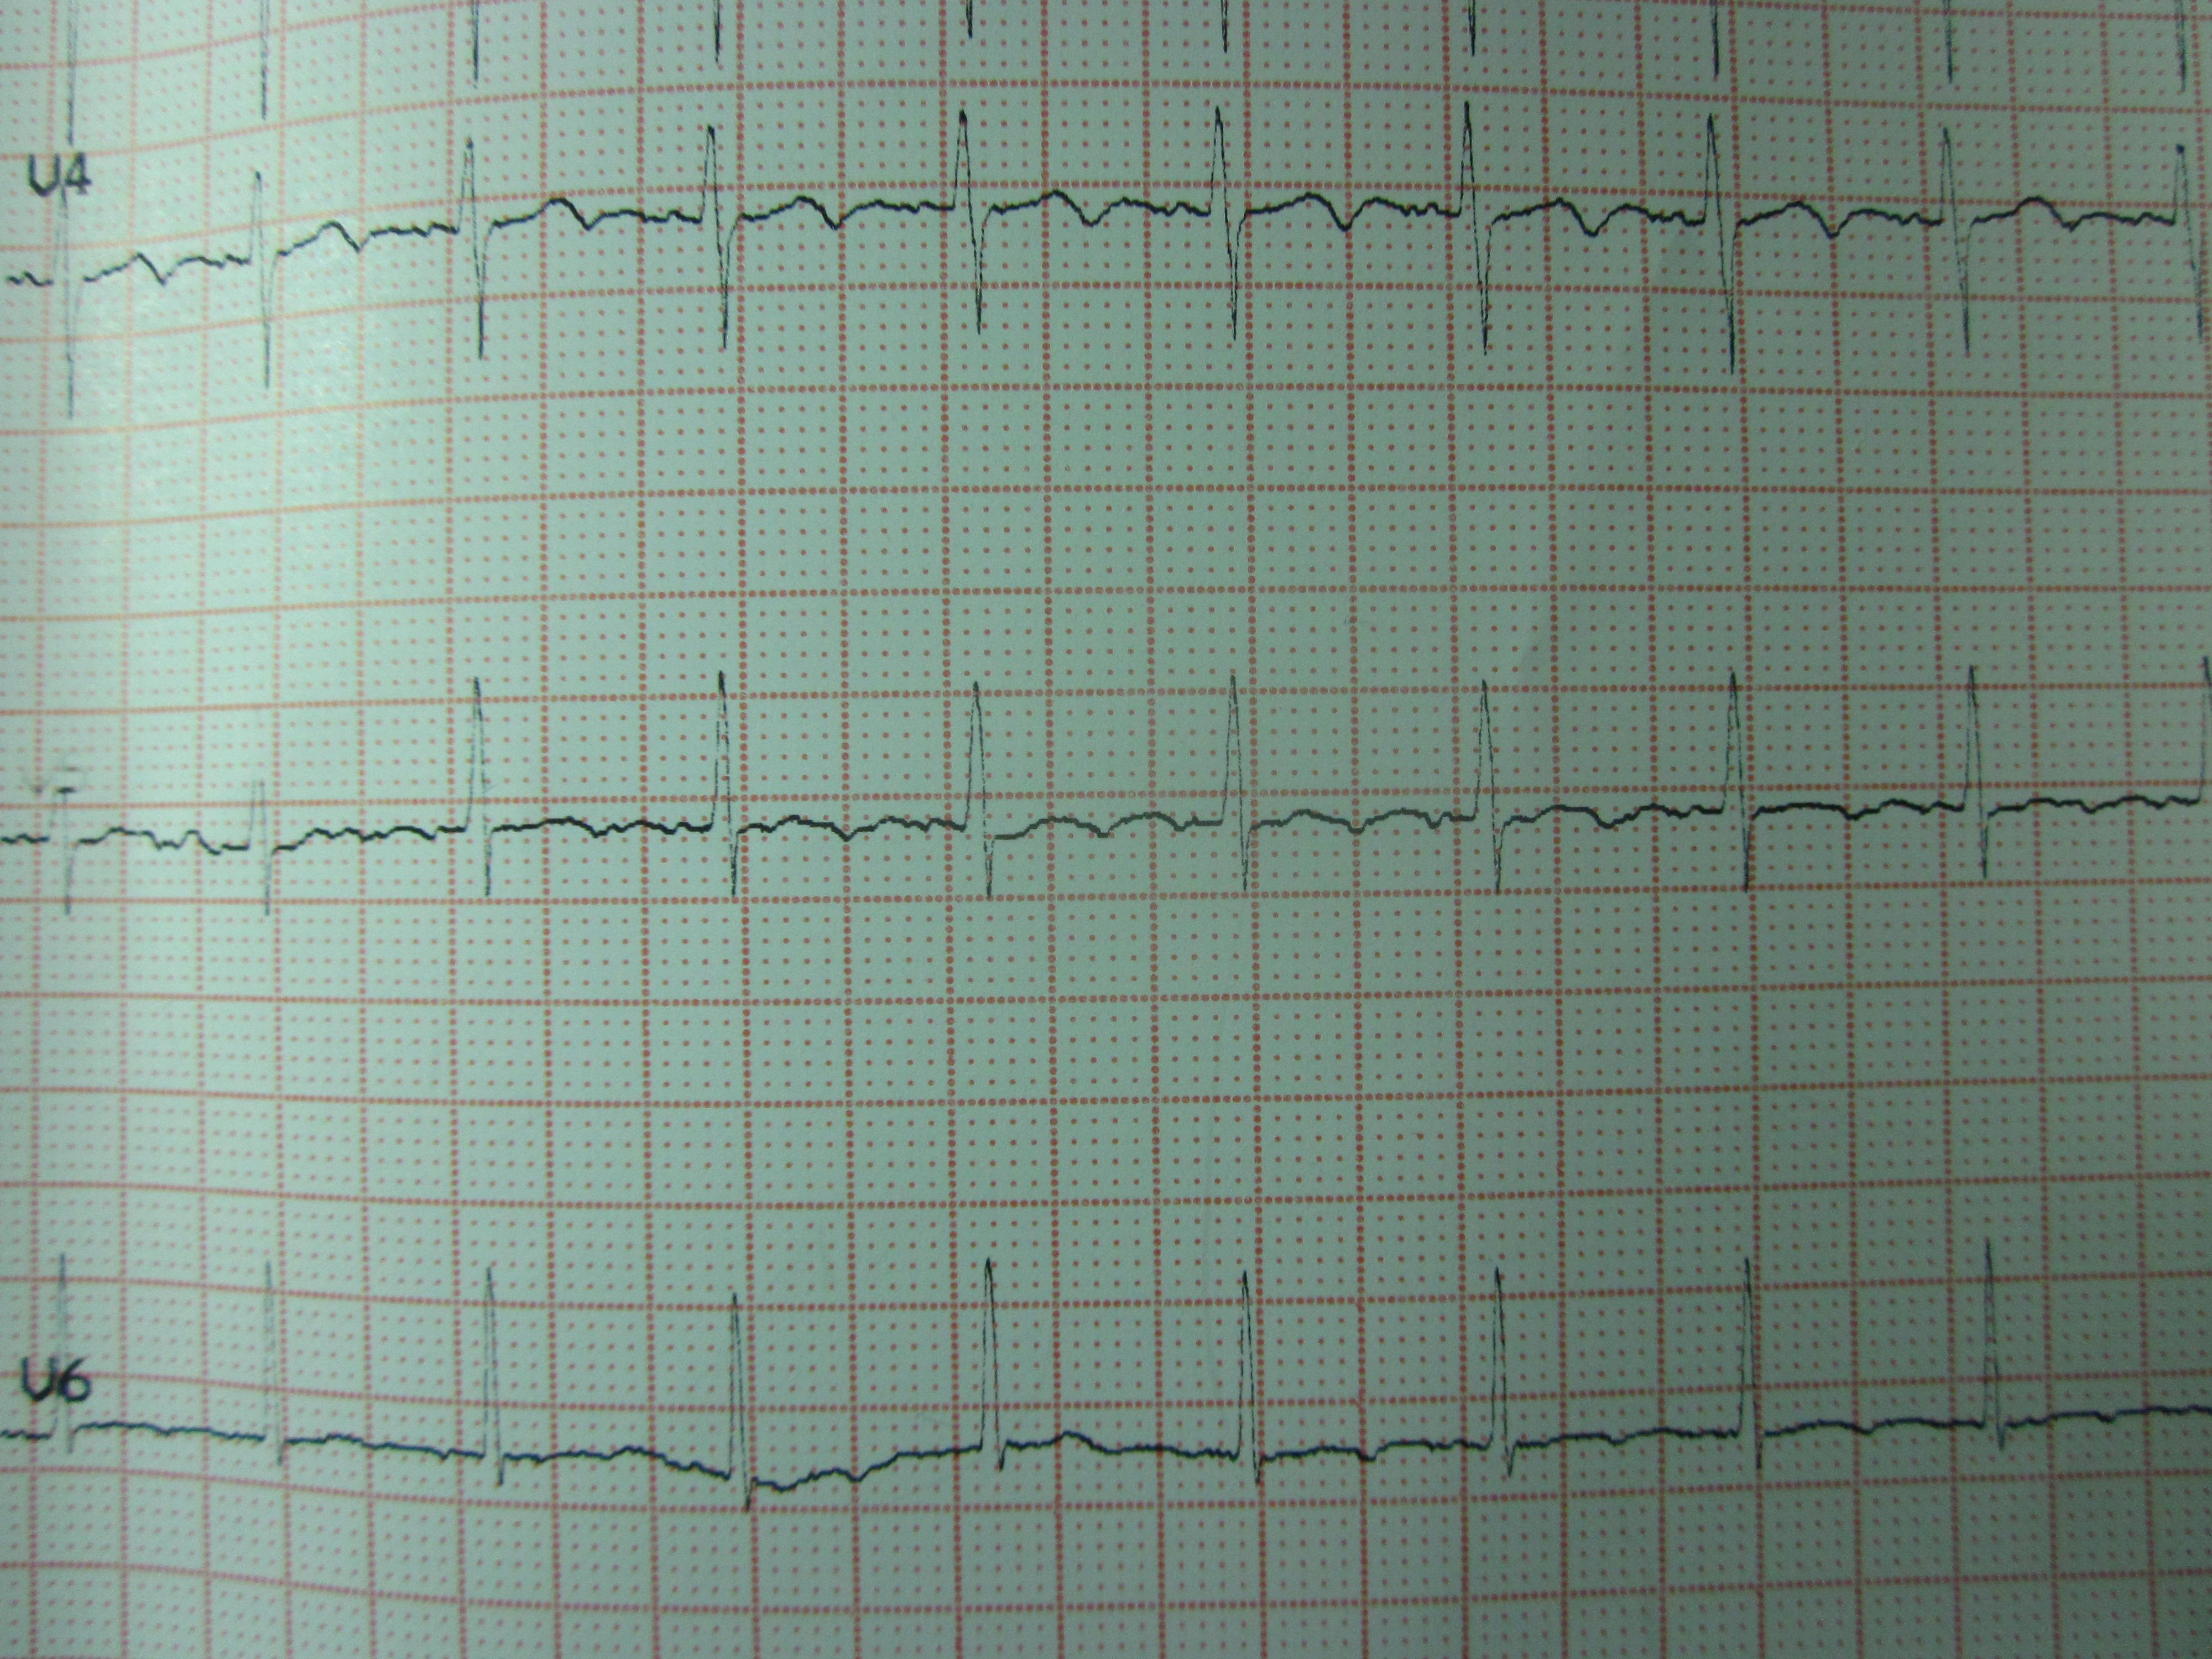 食管心电图心动过速